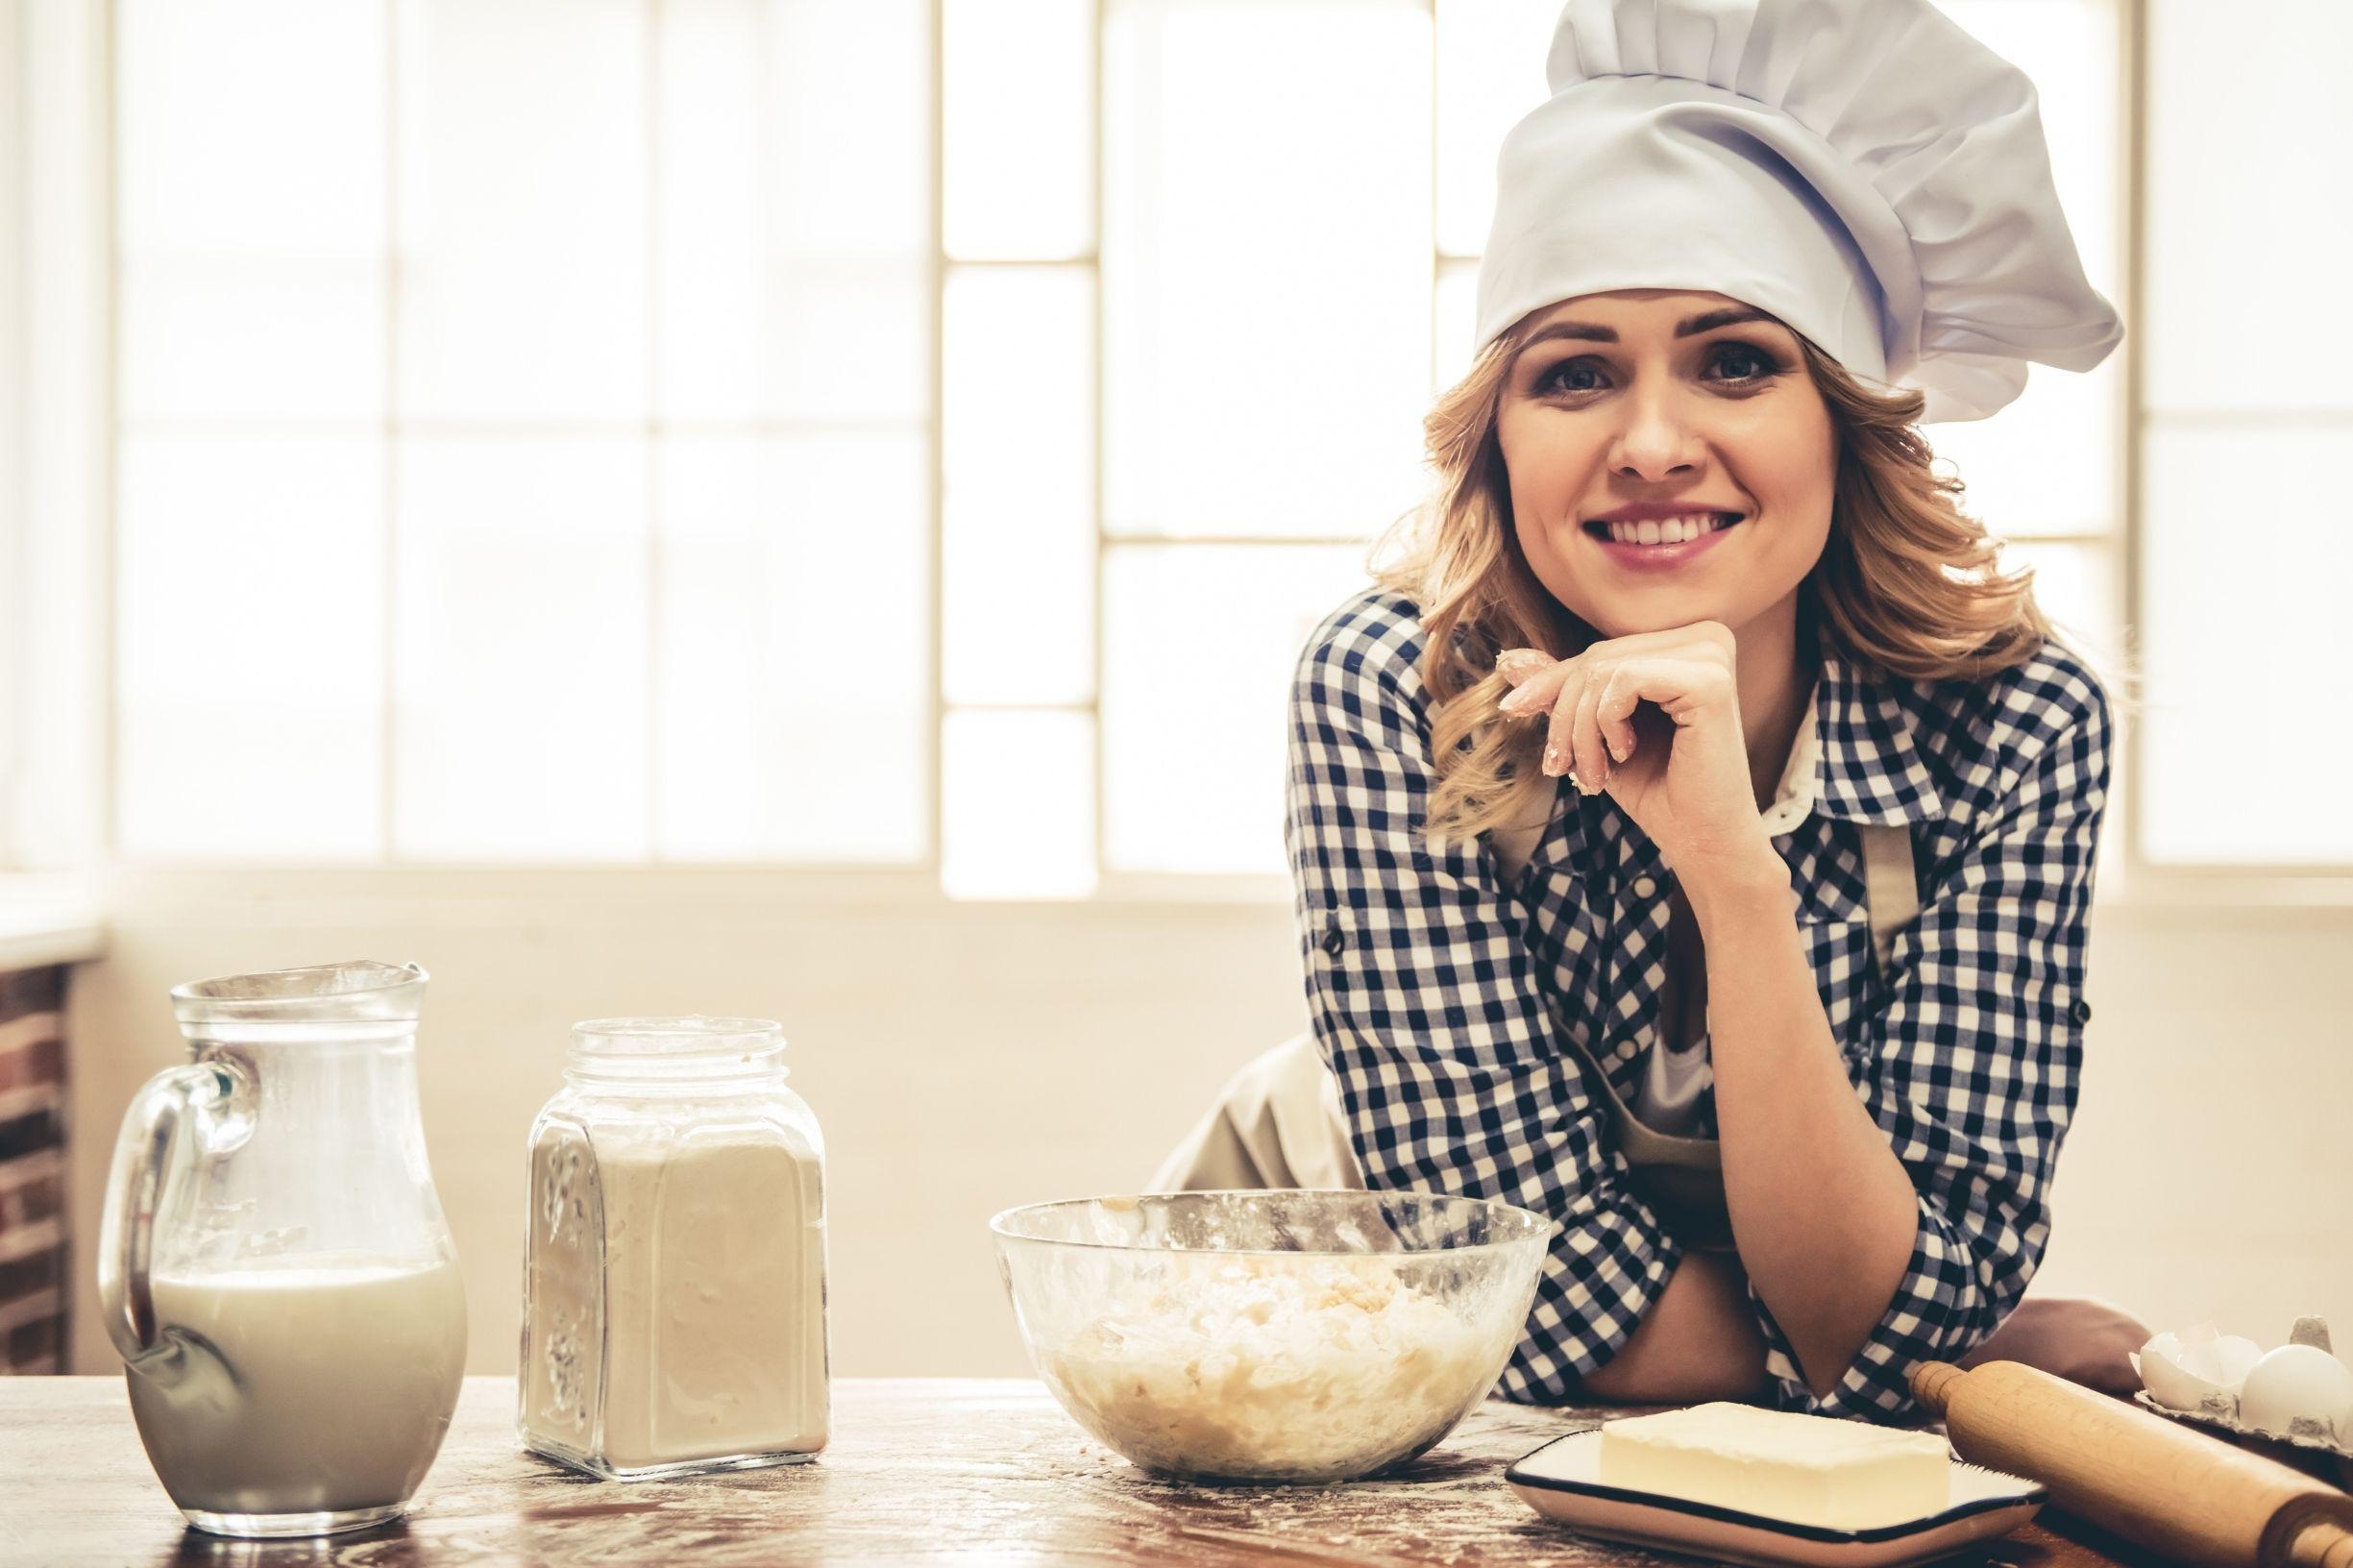 woman, baking, kitchen, fun